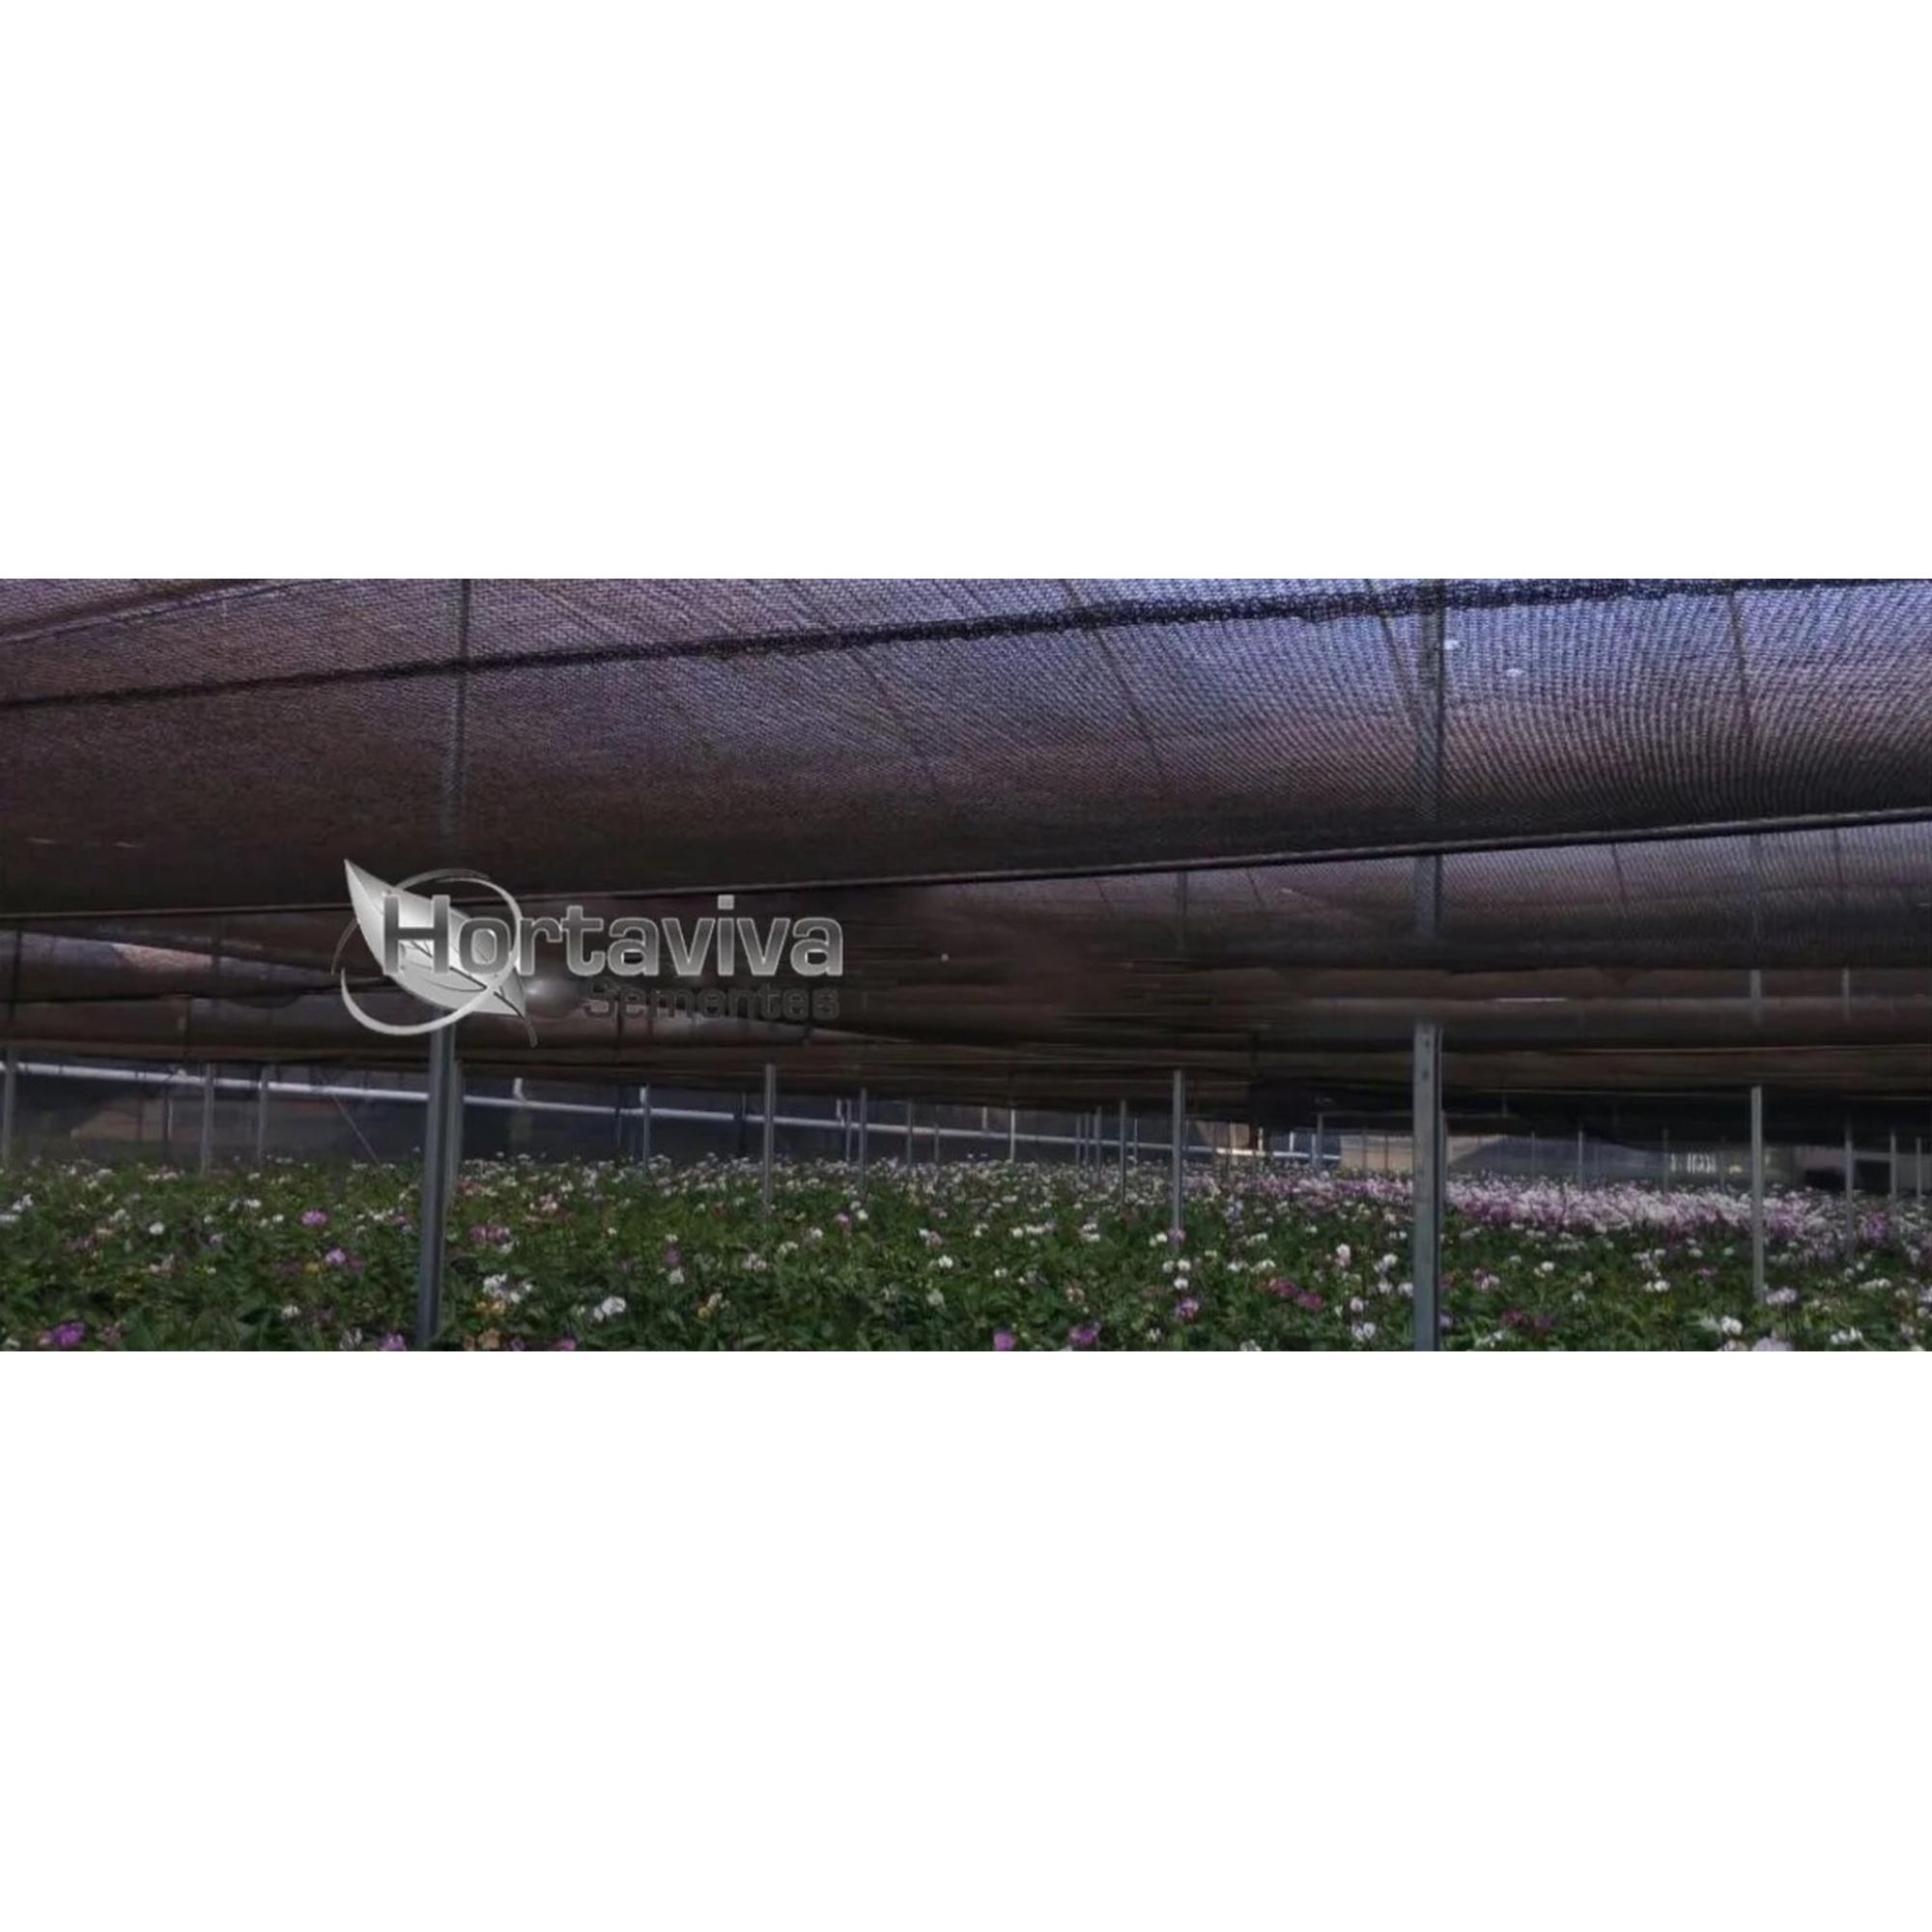 Tela de Sombreamento Preta 50% - 6 Metros x 100 Metros